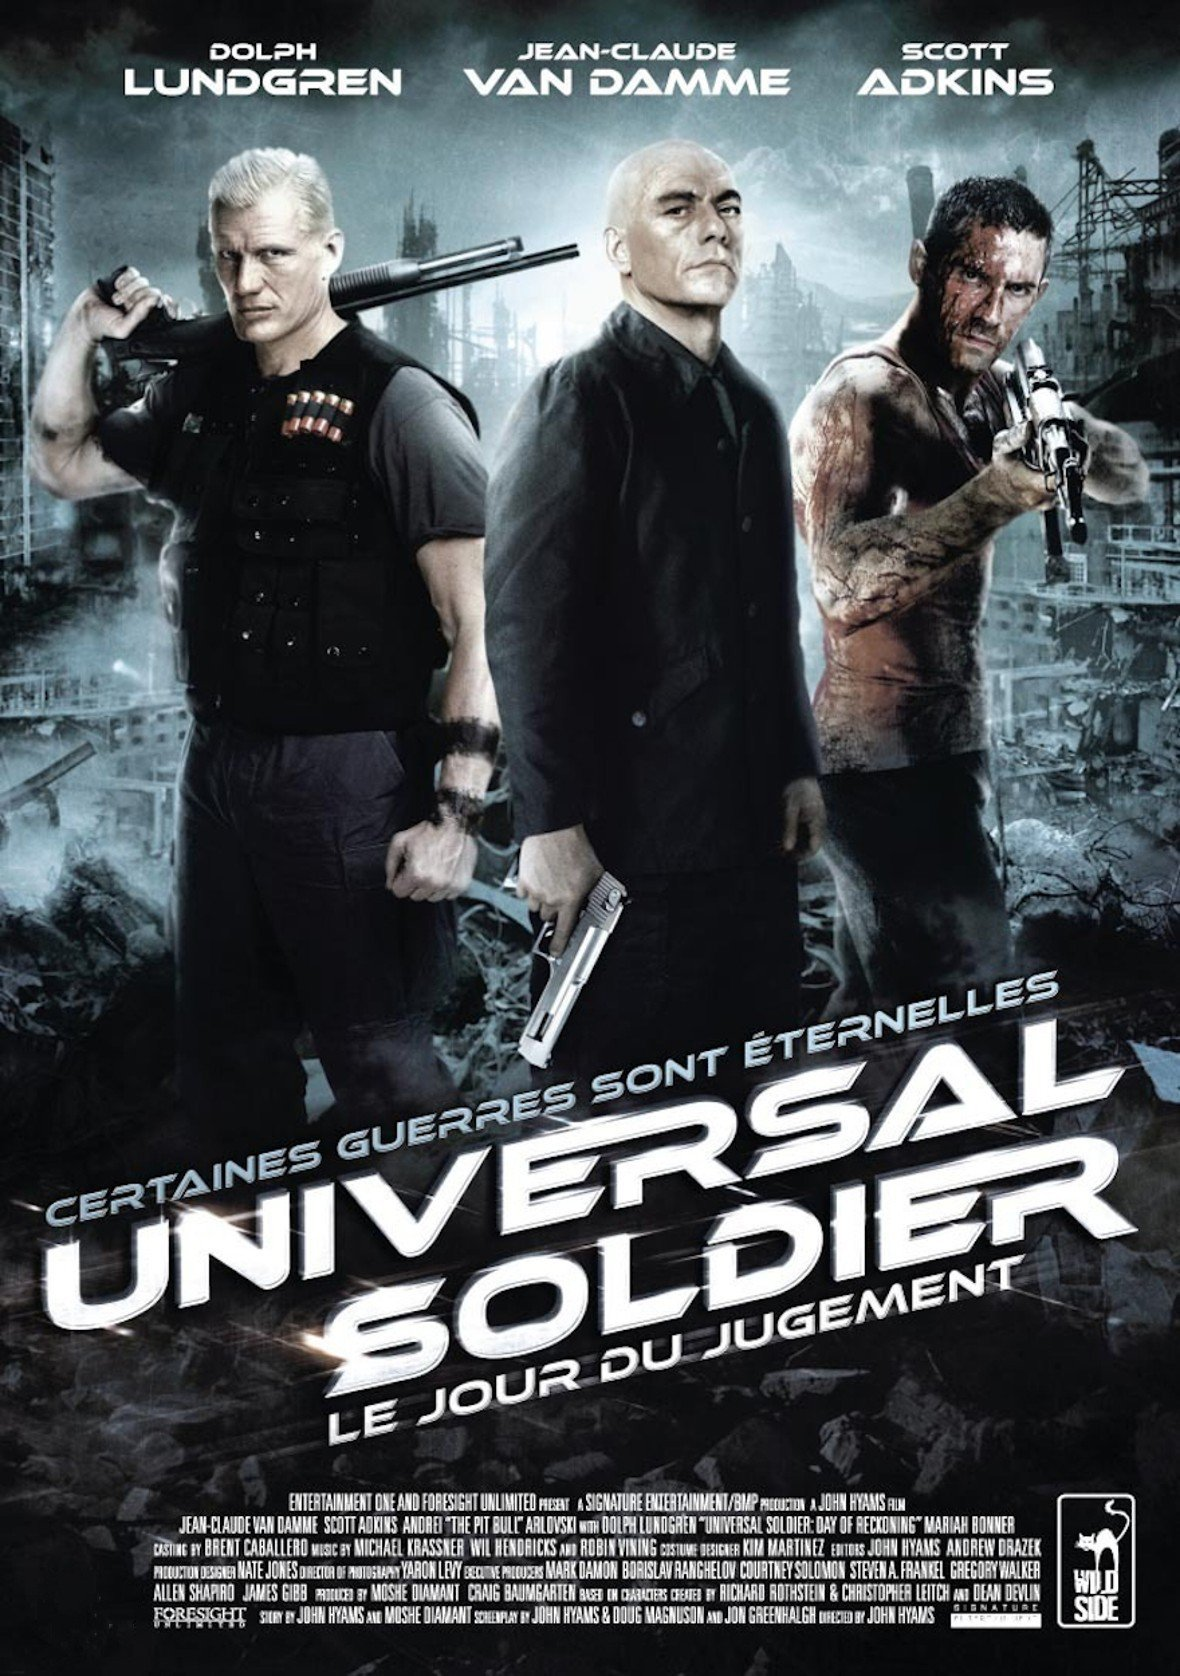 affiche du film Universal Soldier : Le Jour du jugement